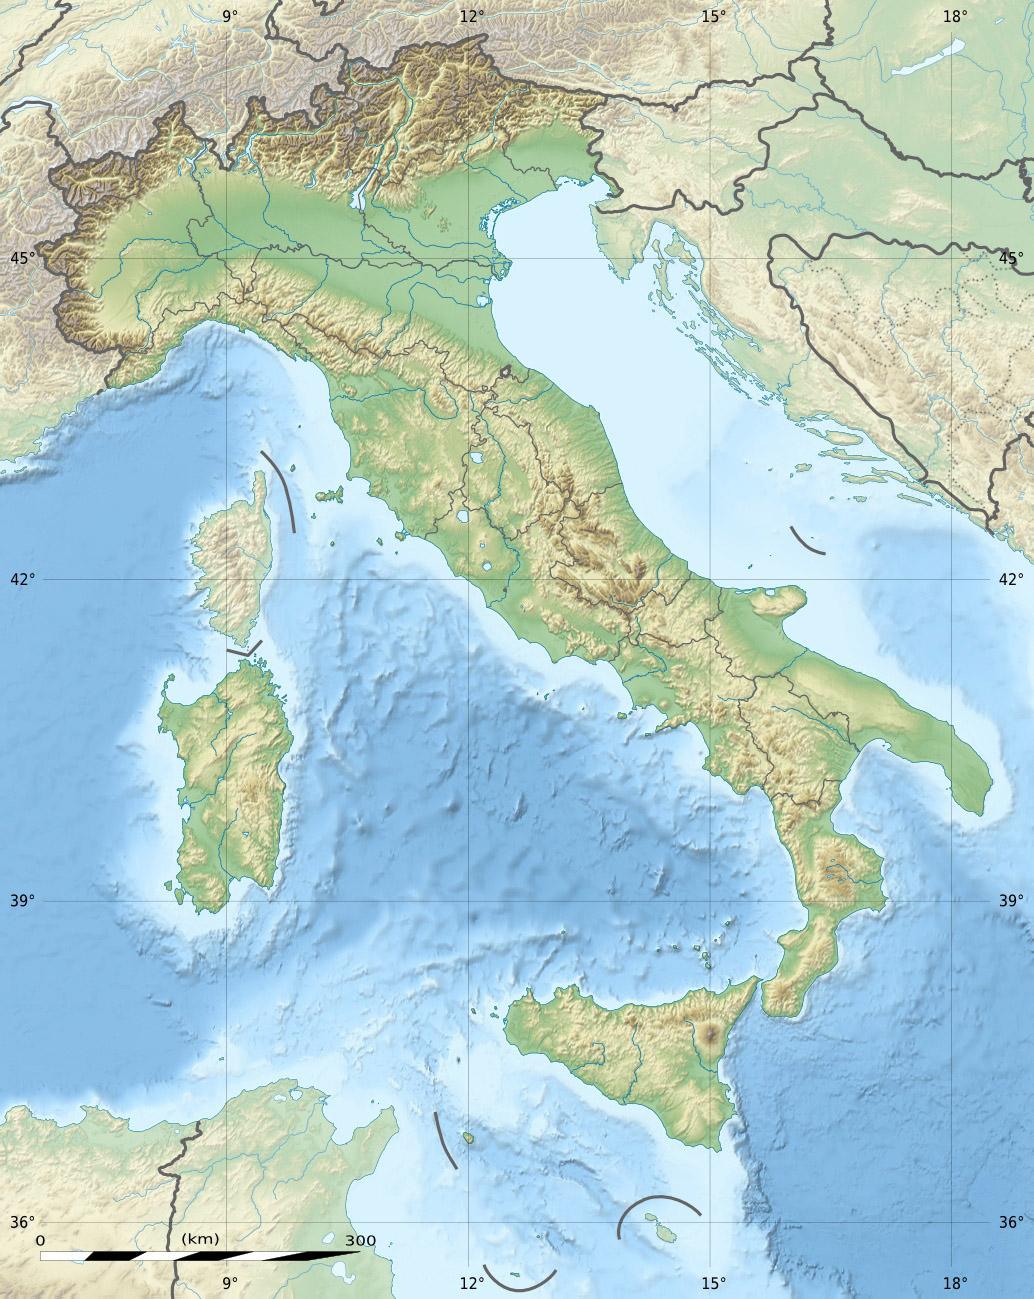 Italie - topographique • Carte • PopulationData.net